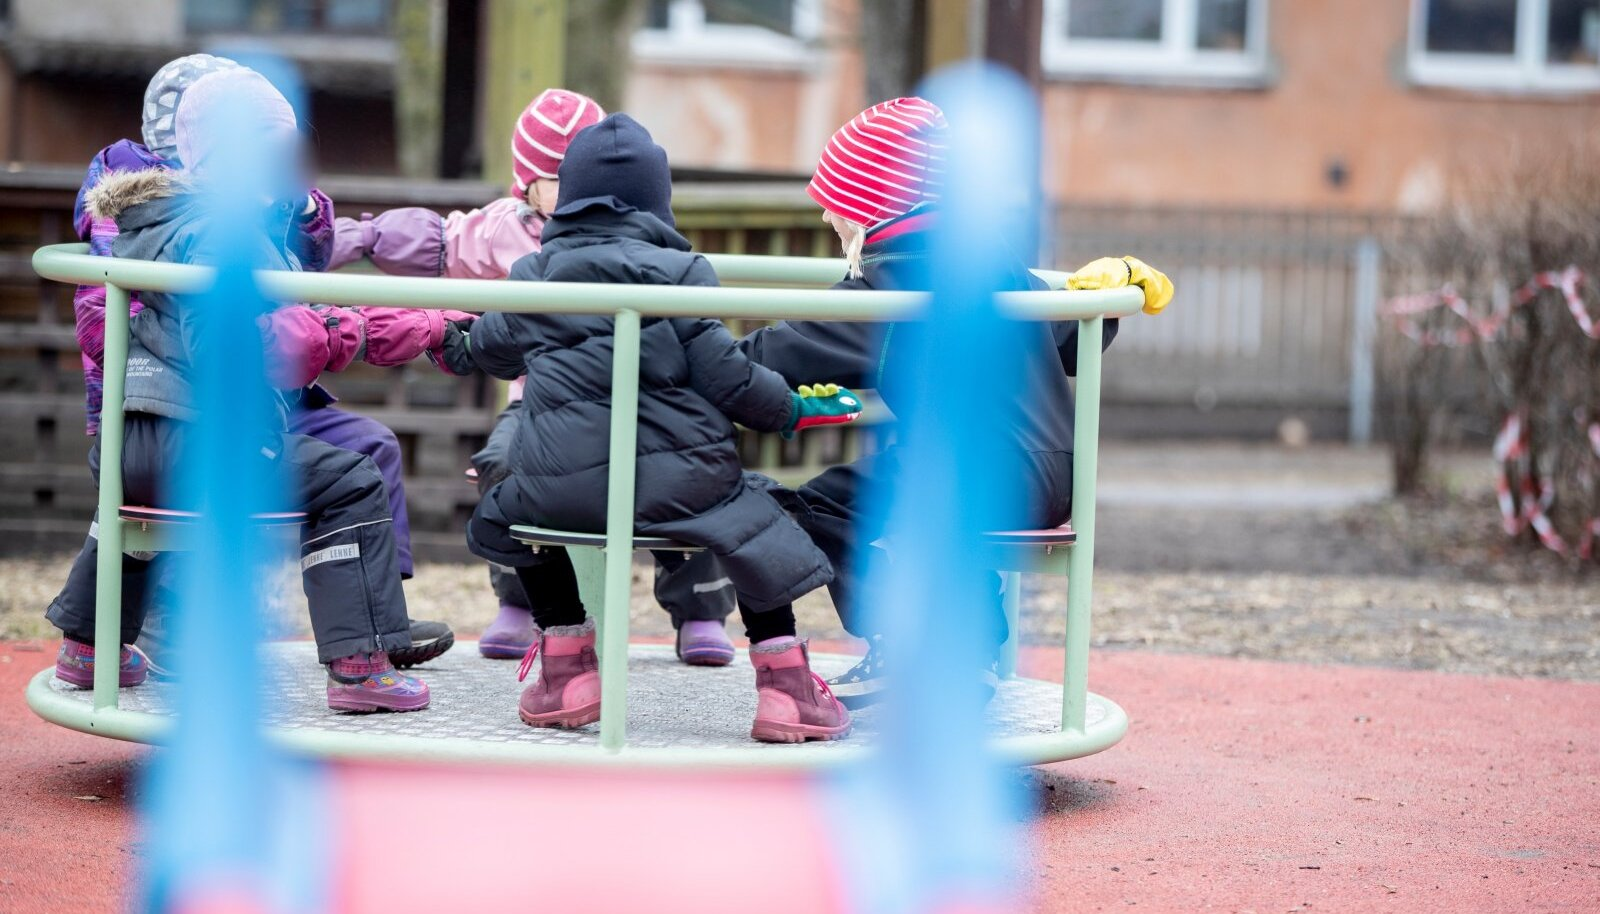 Tallinna Kullatera lasteaias on kohal käinud lapsi, kes on vanemate teadmata koroonapositiivsed. Vahetult pärast seda on nakatunud teisedki lapsed ja töötajad.